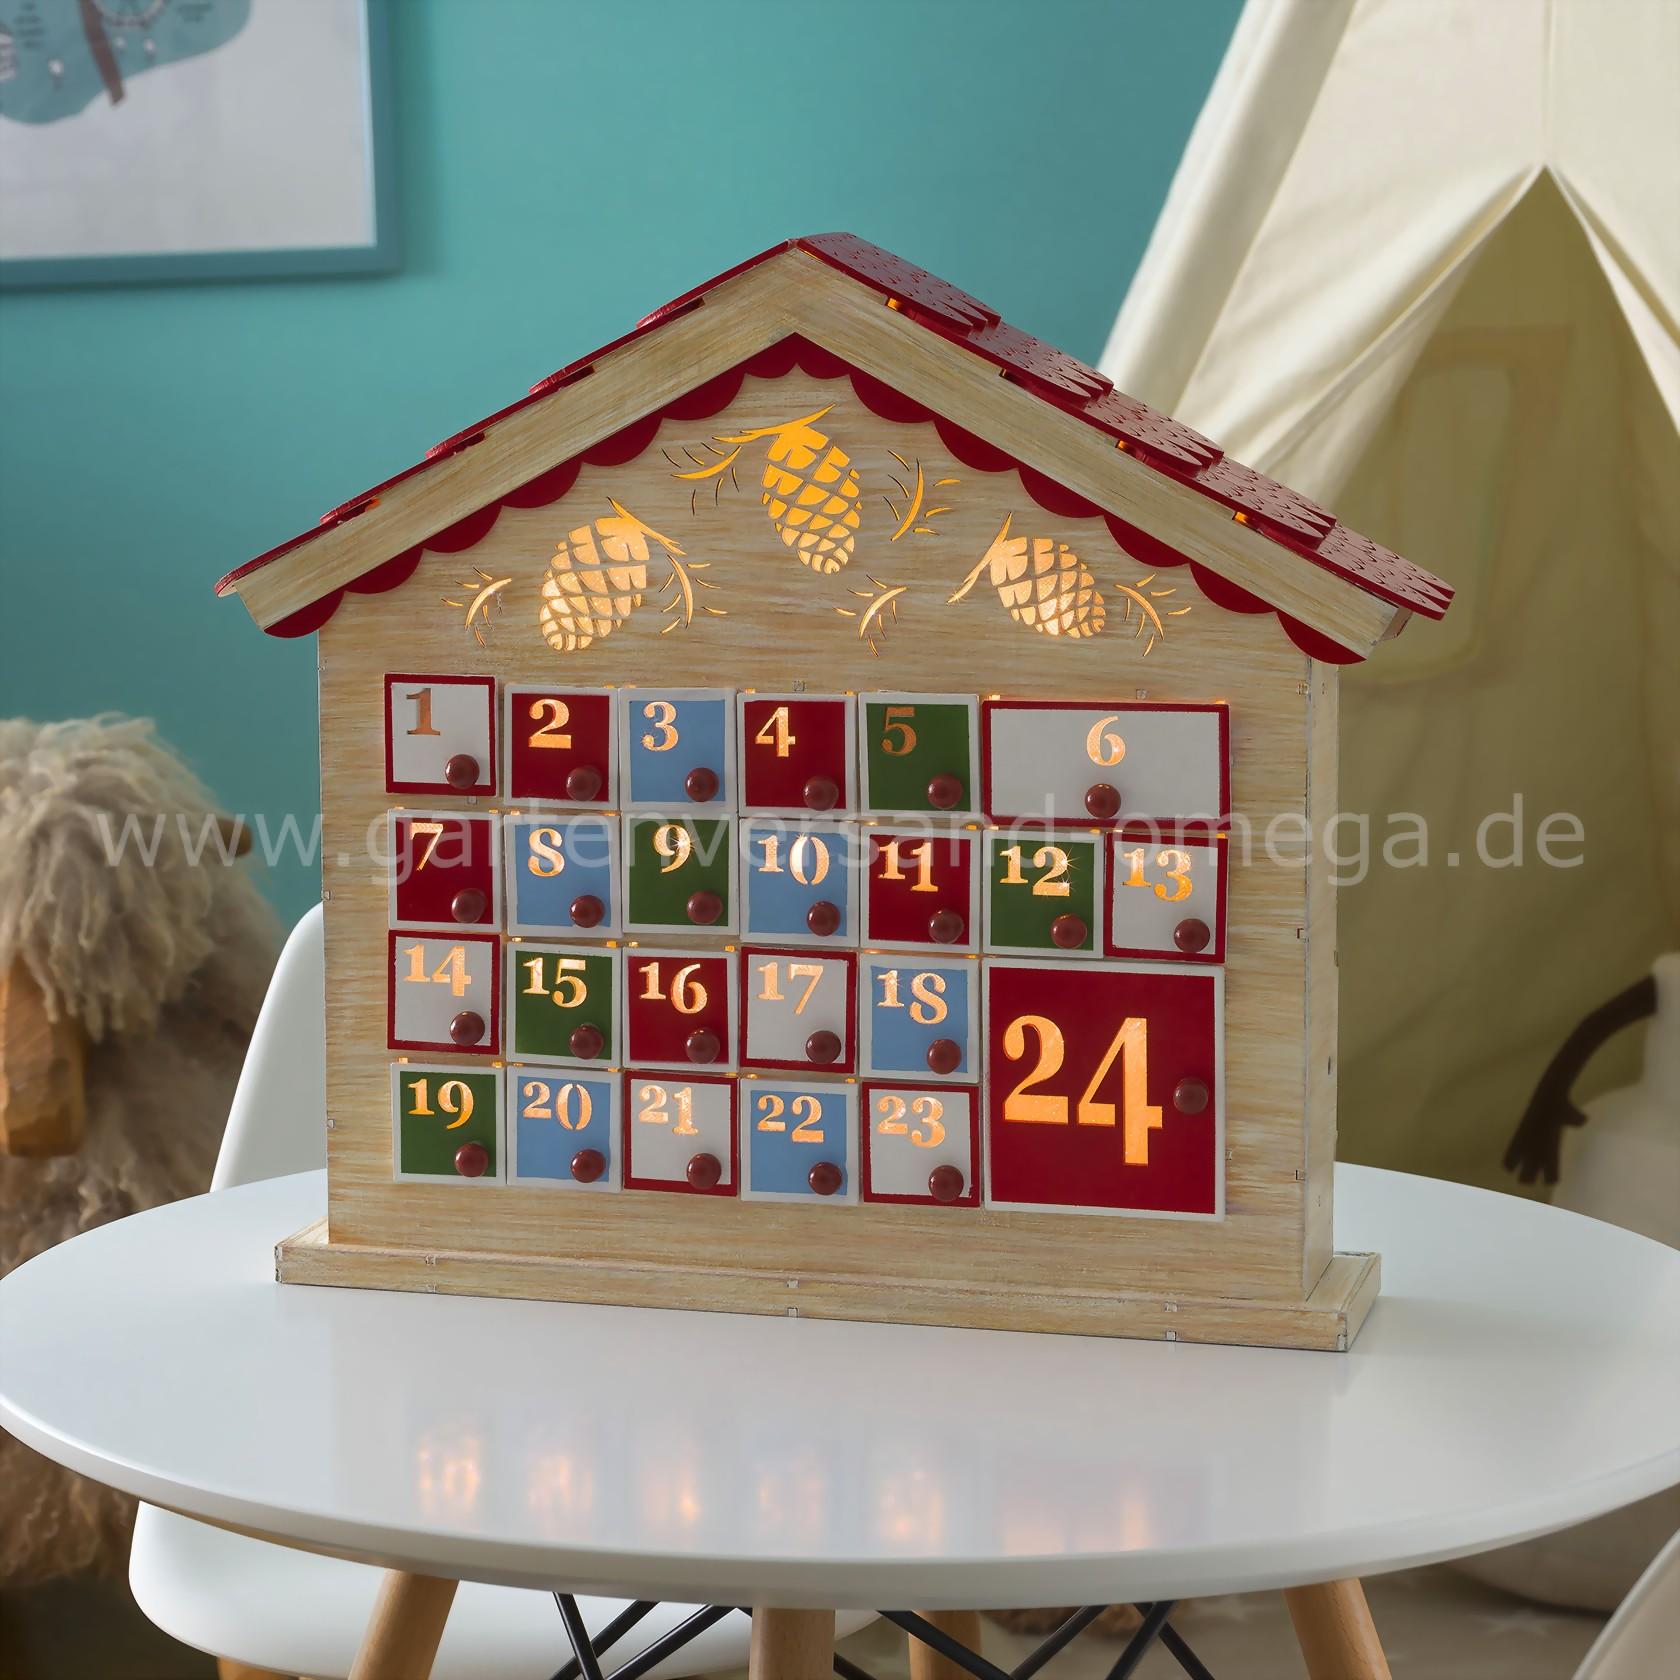 led holz adventskalender beleuchteter adventskalender. Black Bedroom Furniture Sets. Home Design Ideas